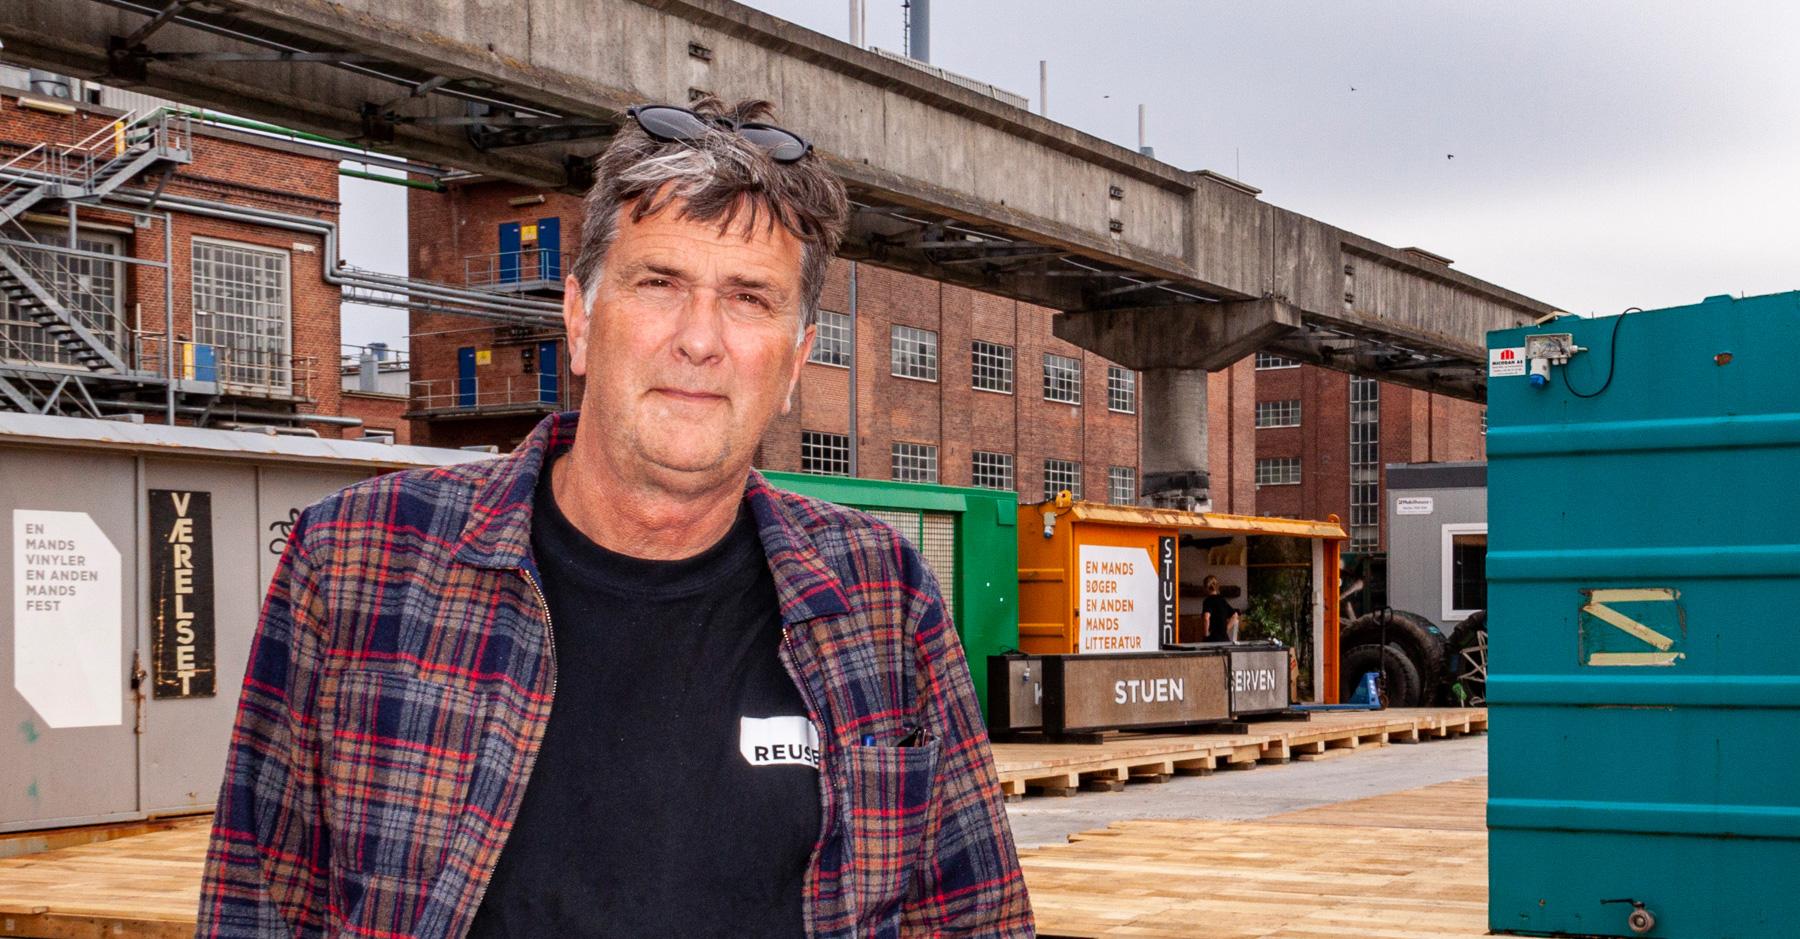 Sydhavnen REUSE åbner igen for gratis genbrug den 15. juni